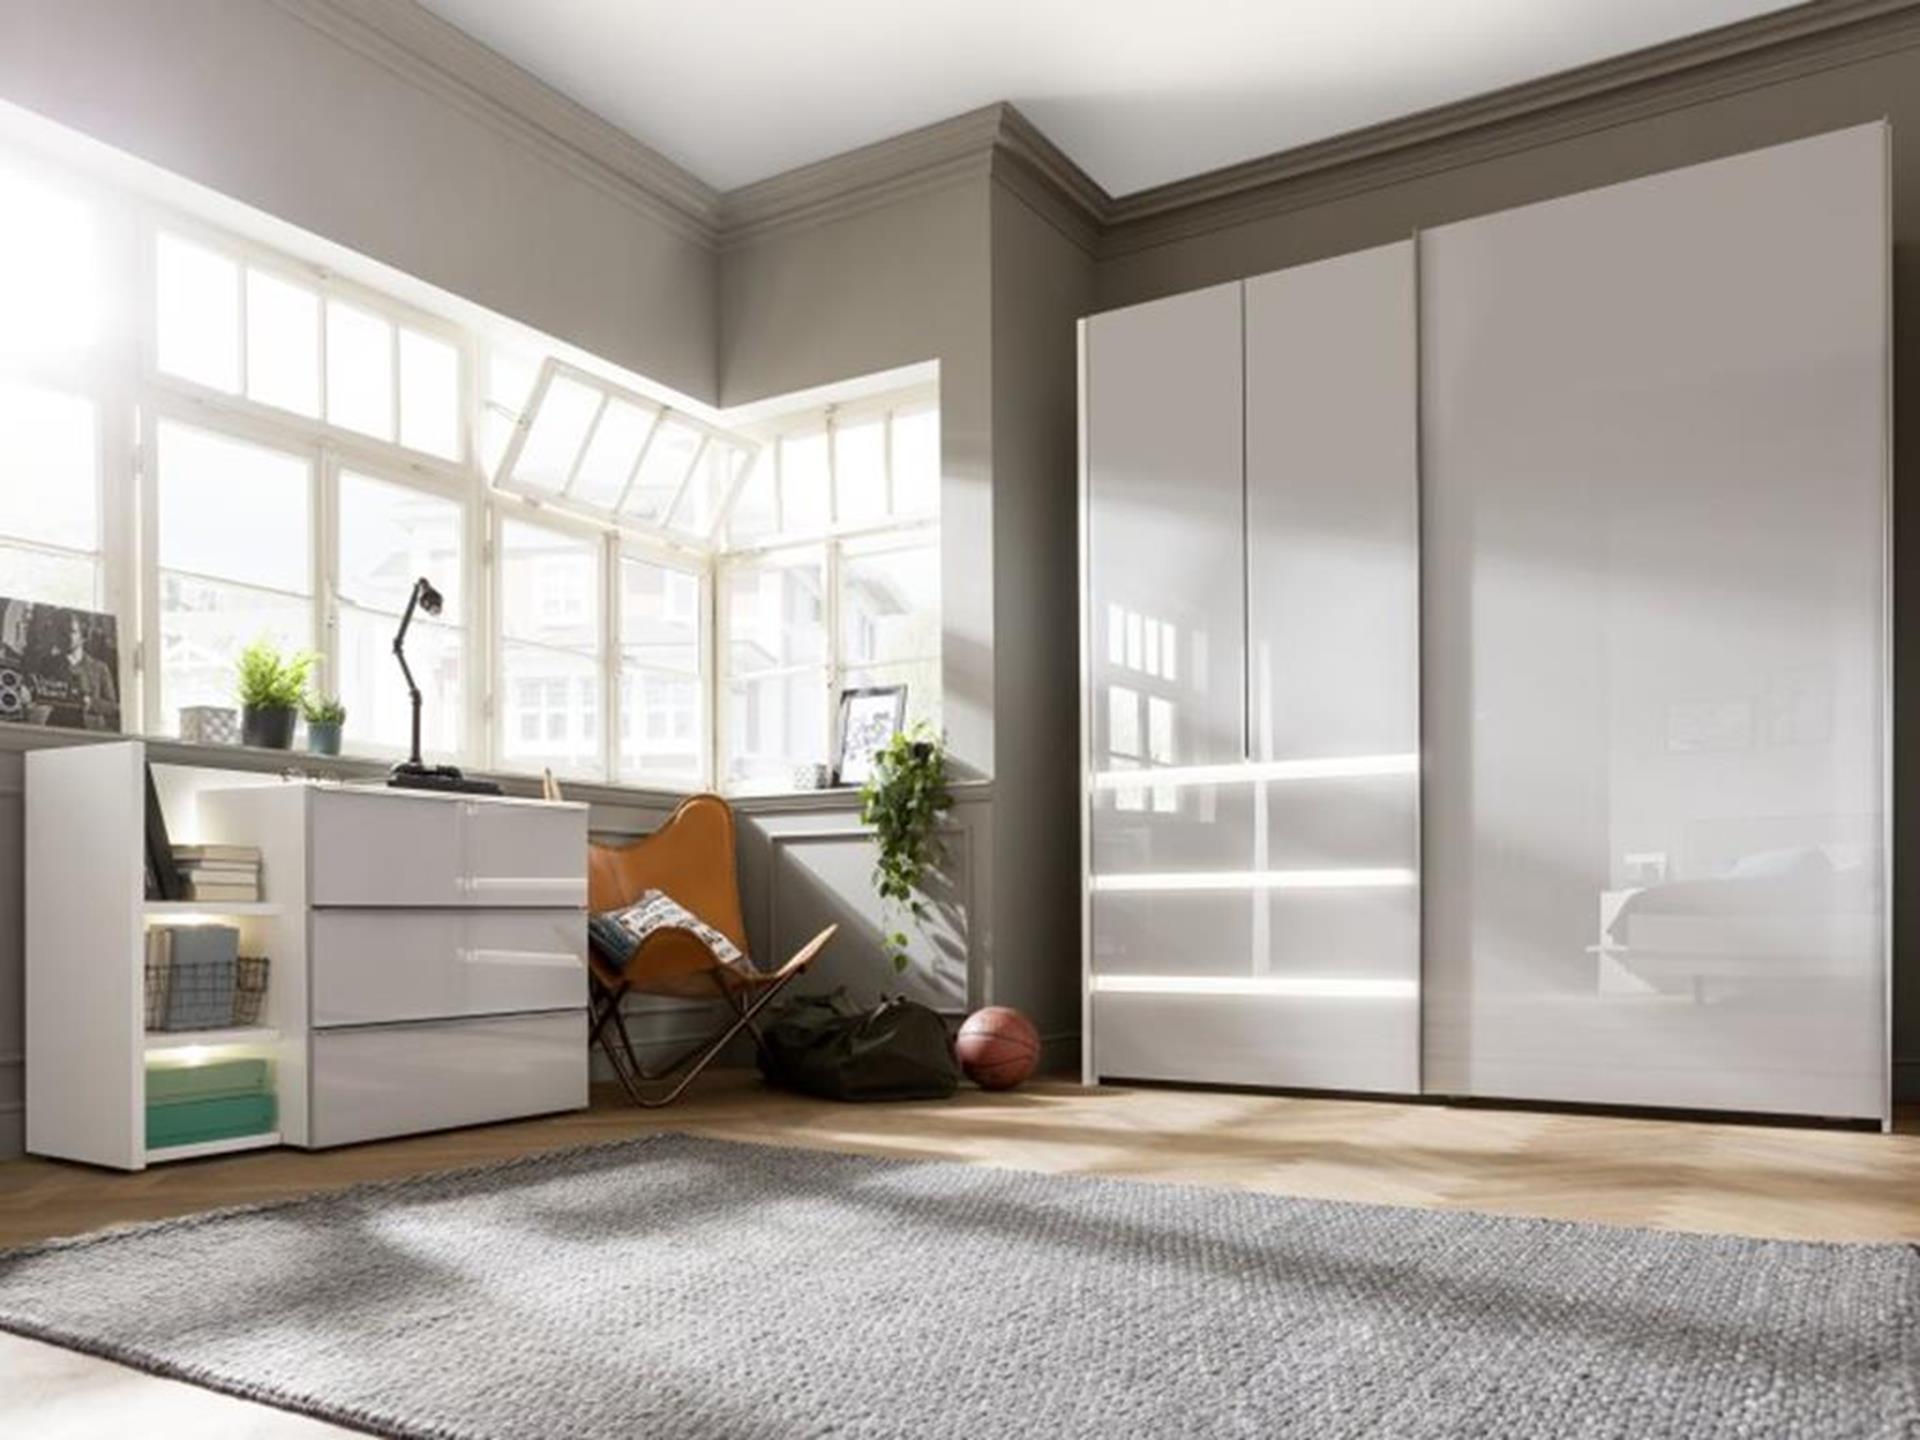 szafa w jasnym i przestronnym mieszkaniu